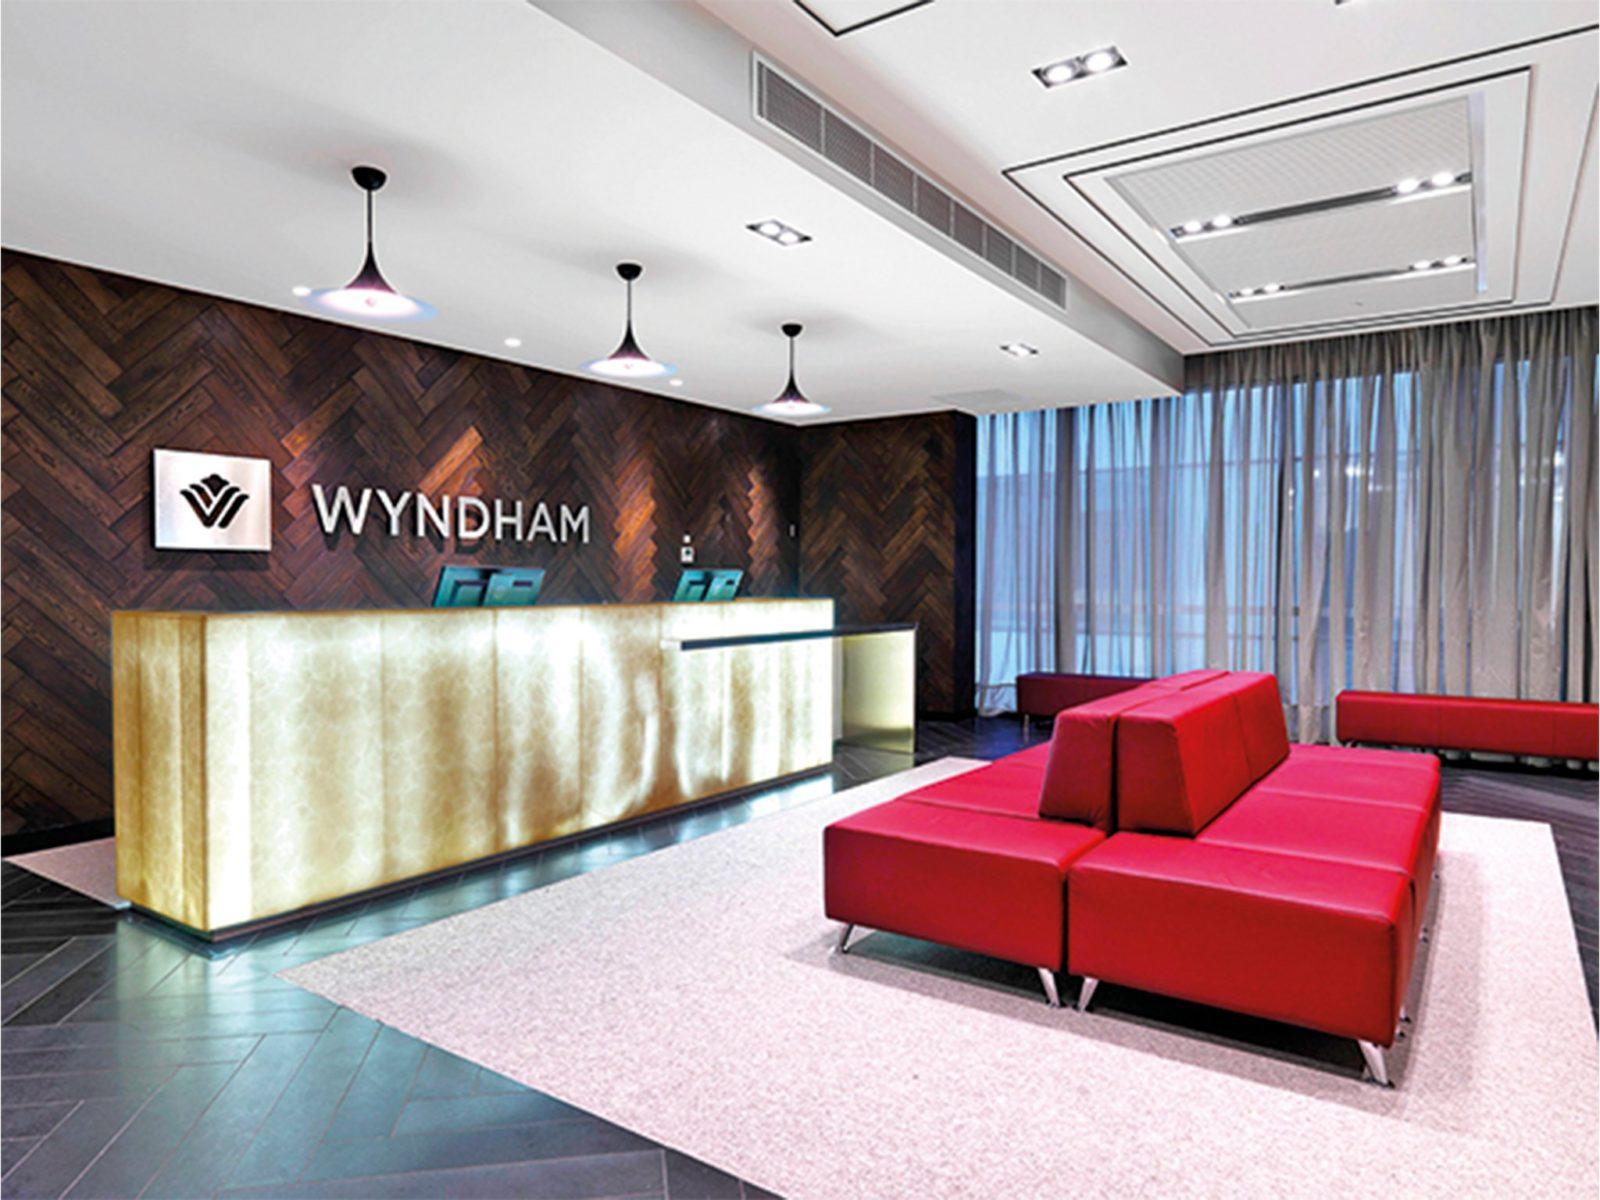 Wyndham Hotel Melbourne lobby